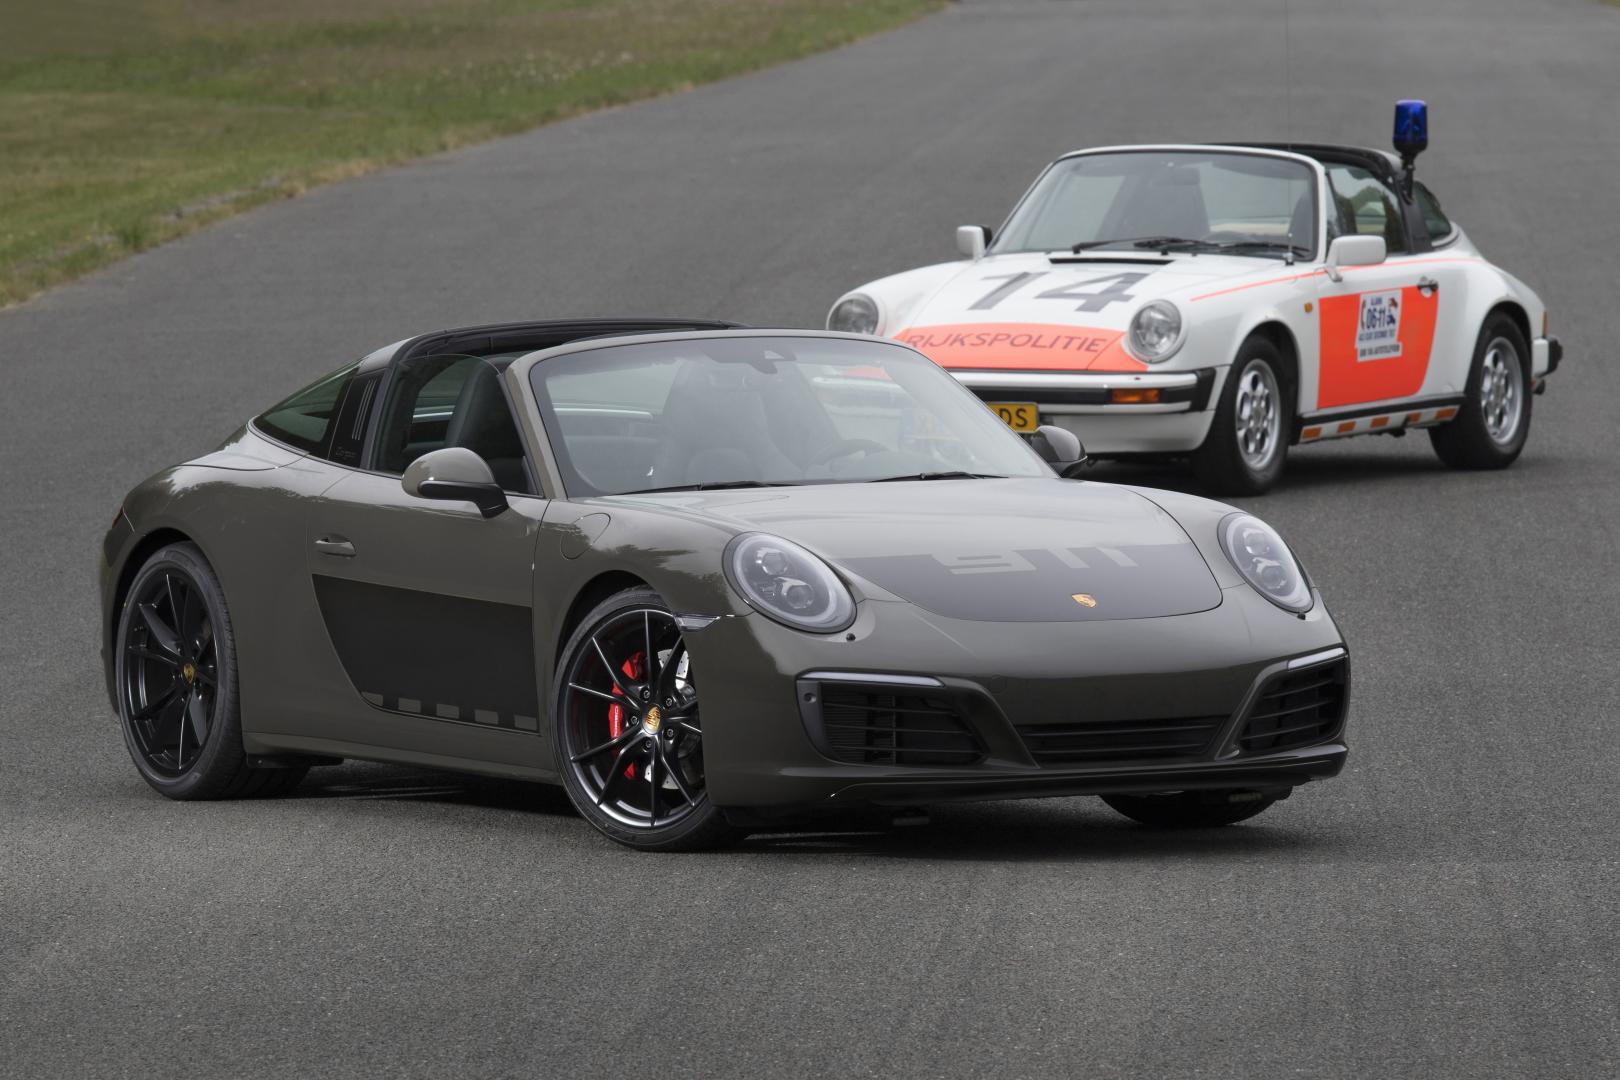 Alex Porsche on